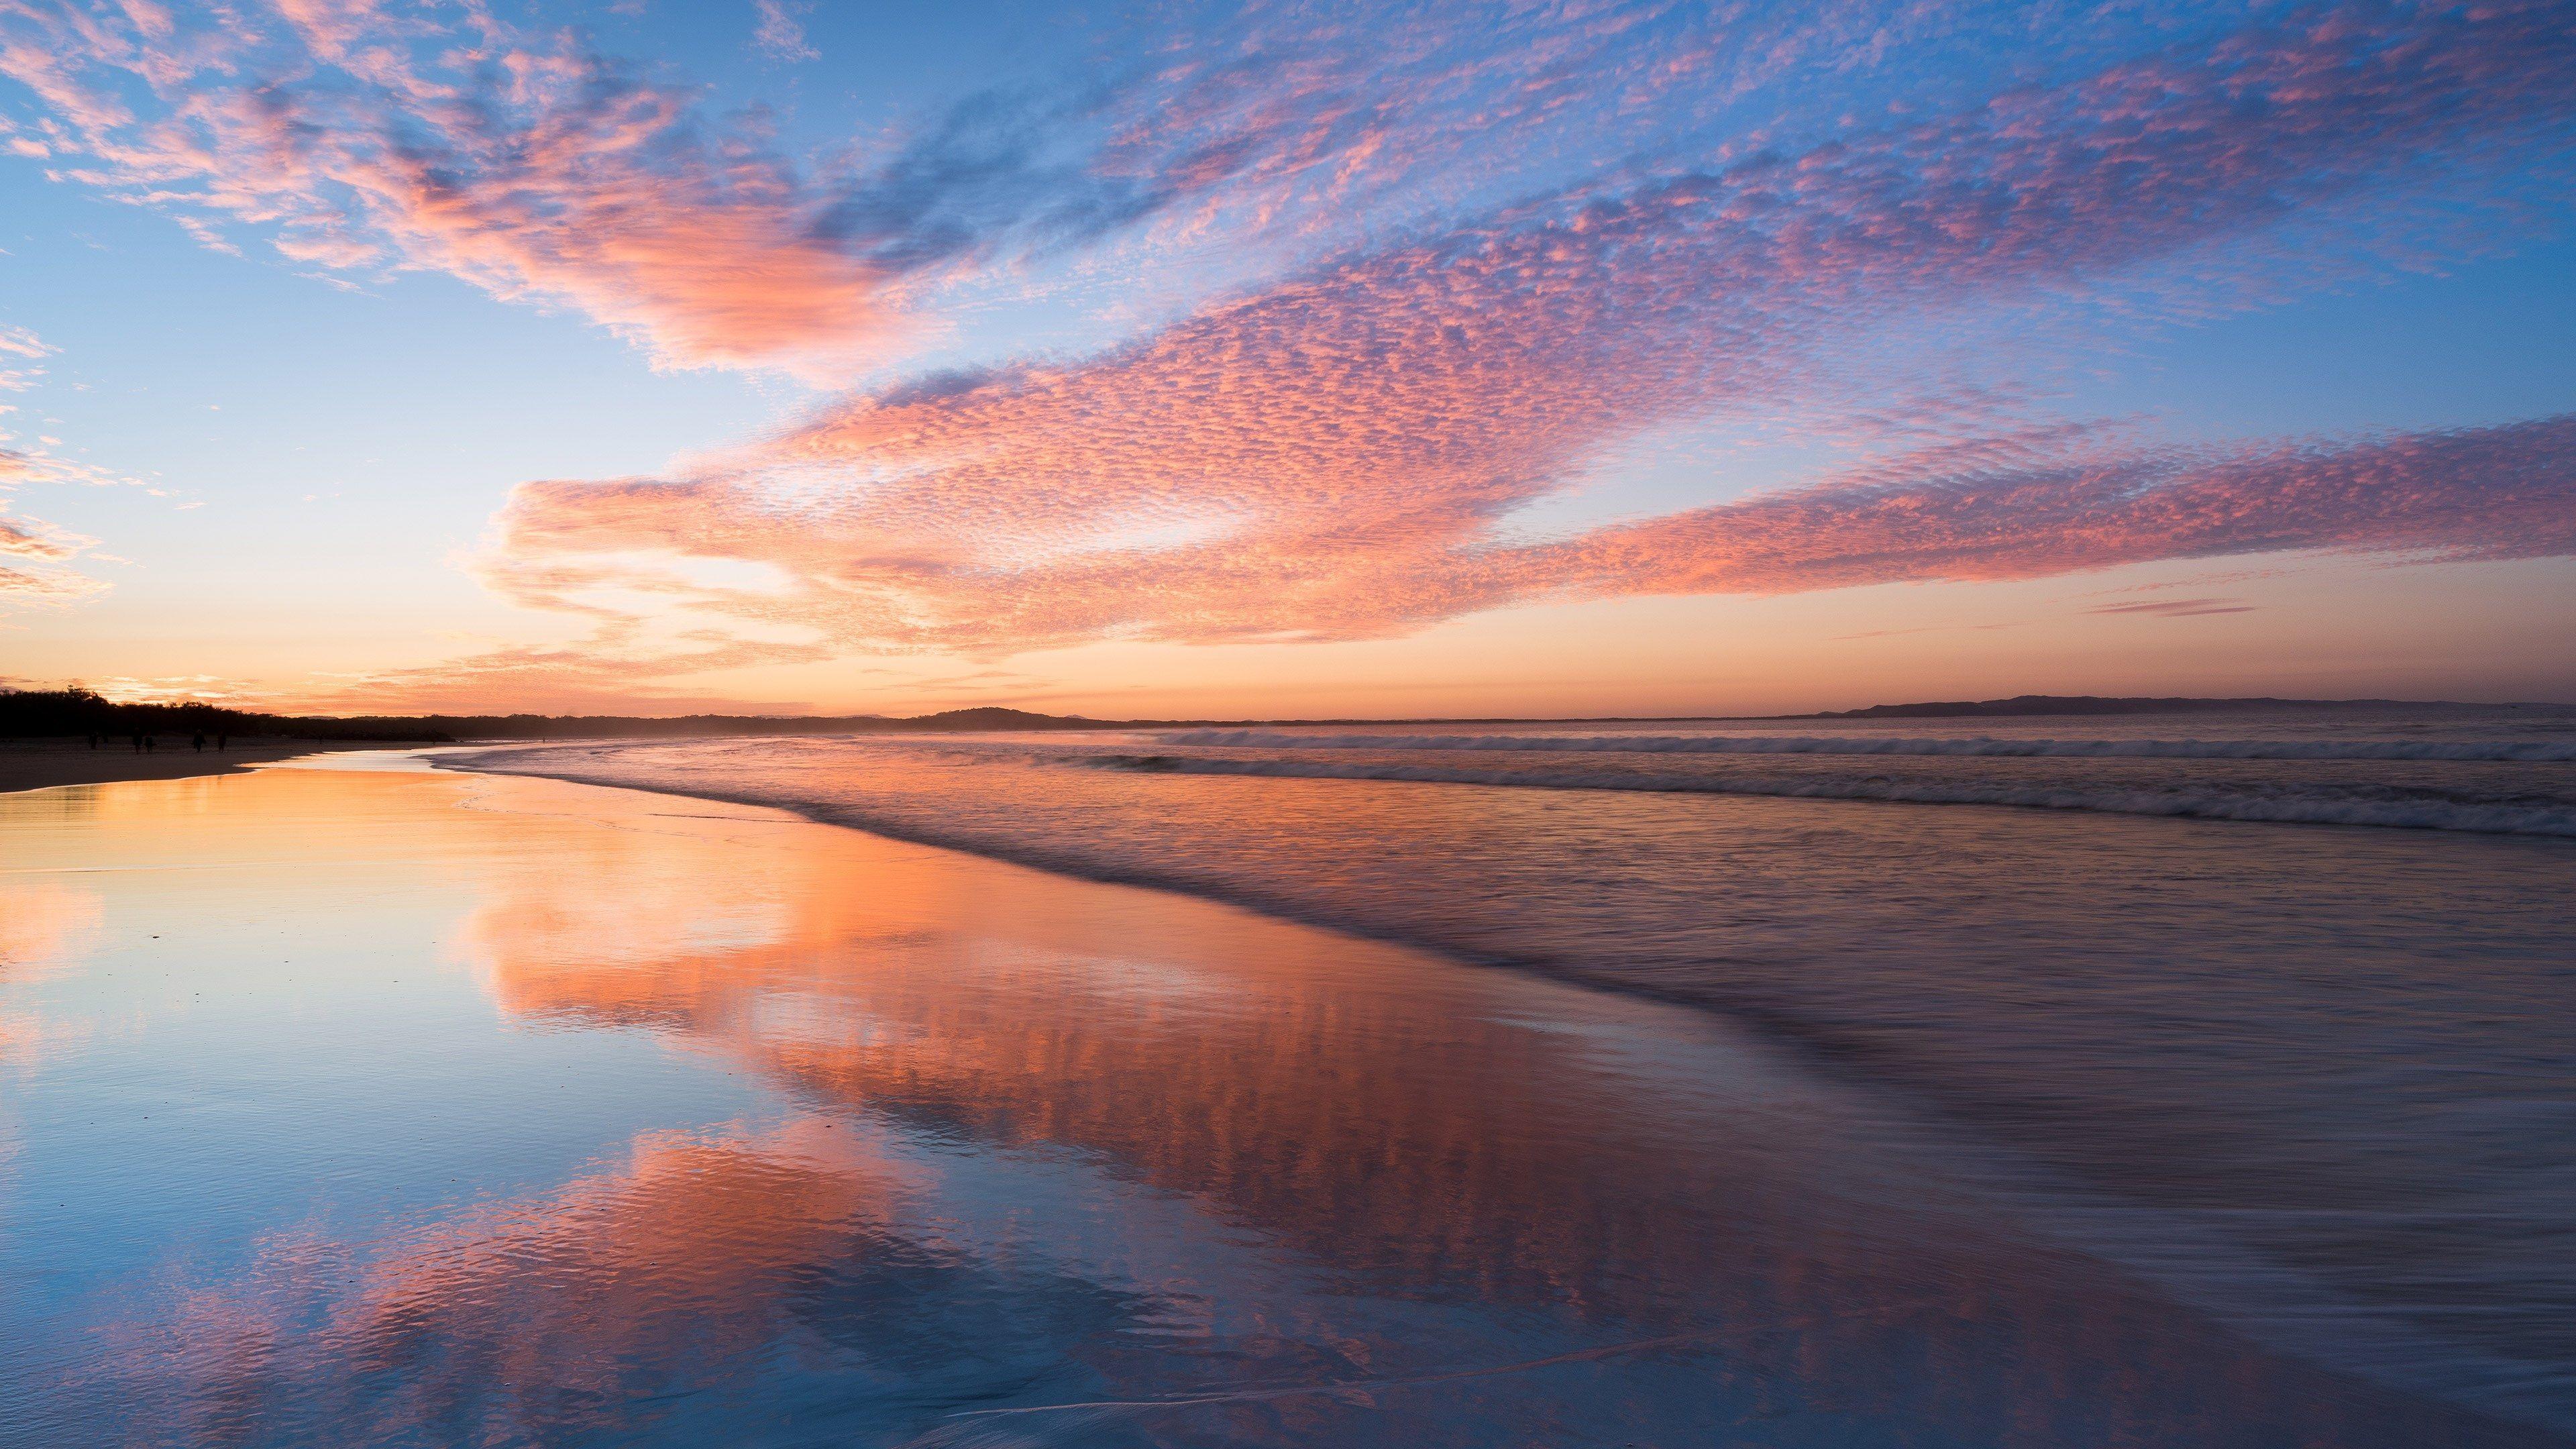 3840x2160 Seascape 4k Desktop Wallpaper Hd Widescreen 4k Desktop Wallpaper Sunrise Wallpaper Sunset Wallpaper